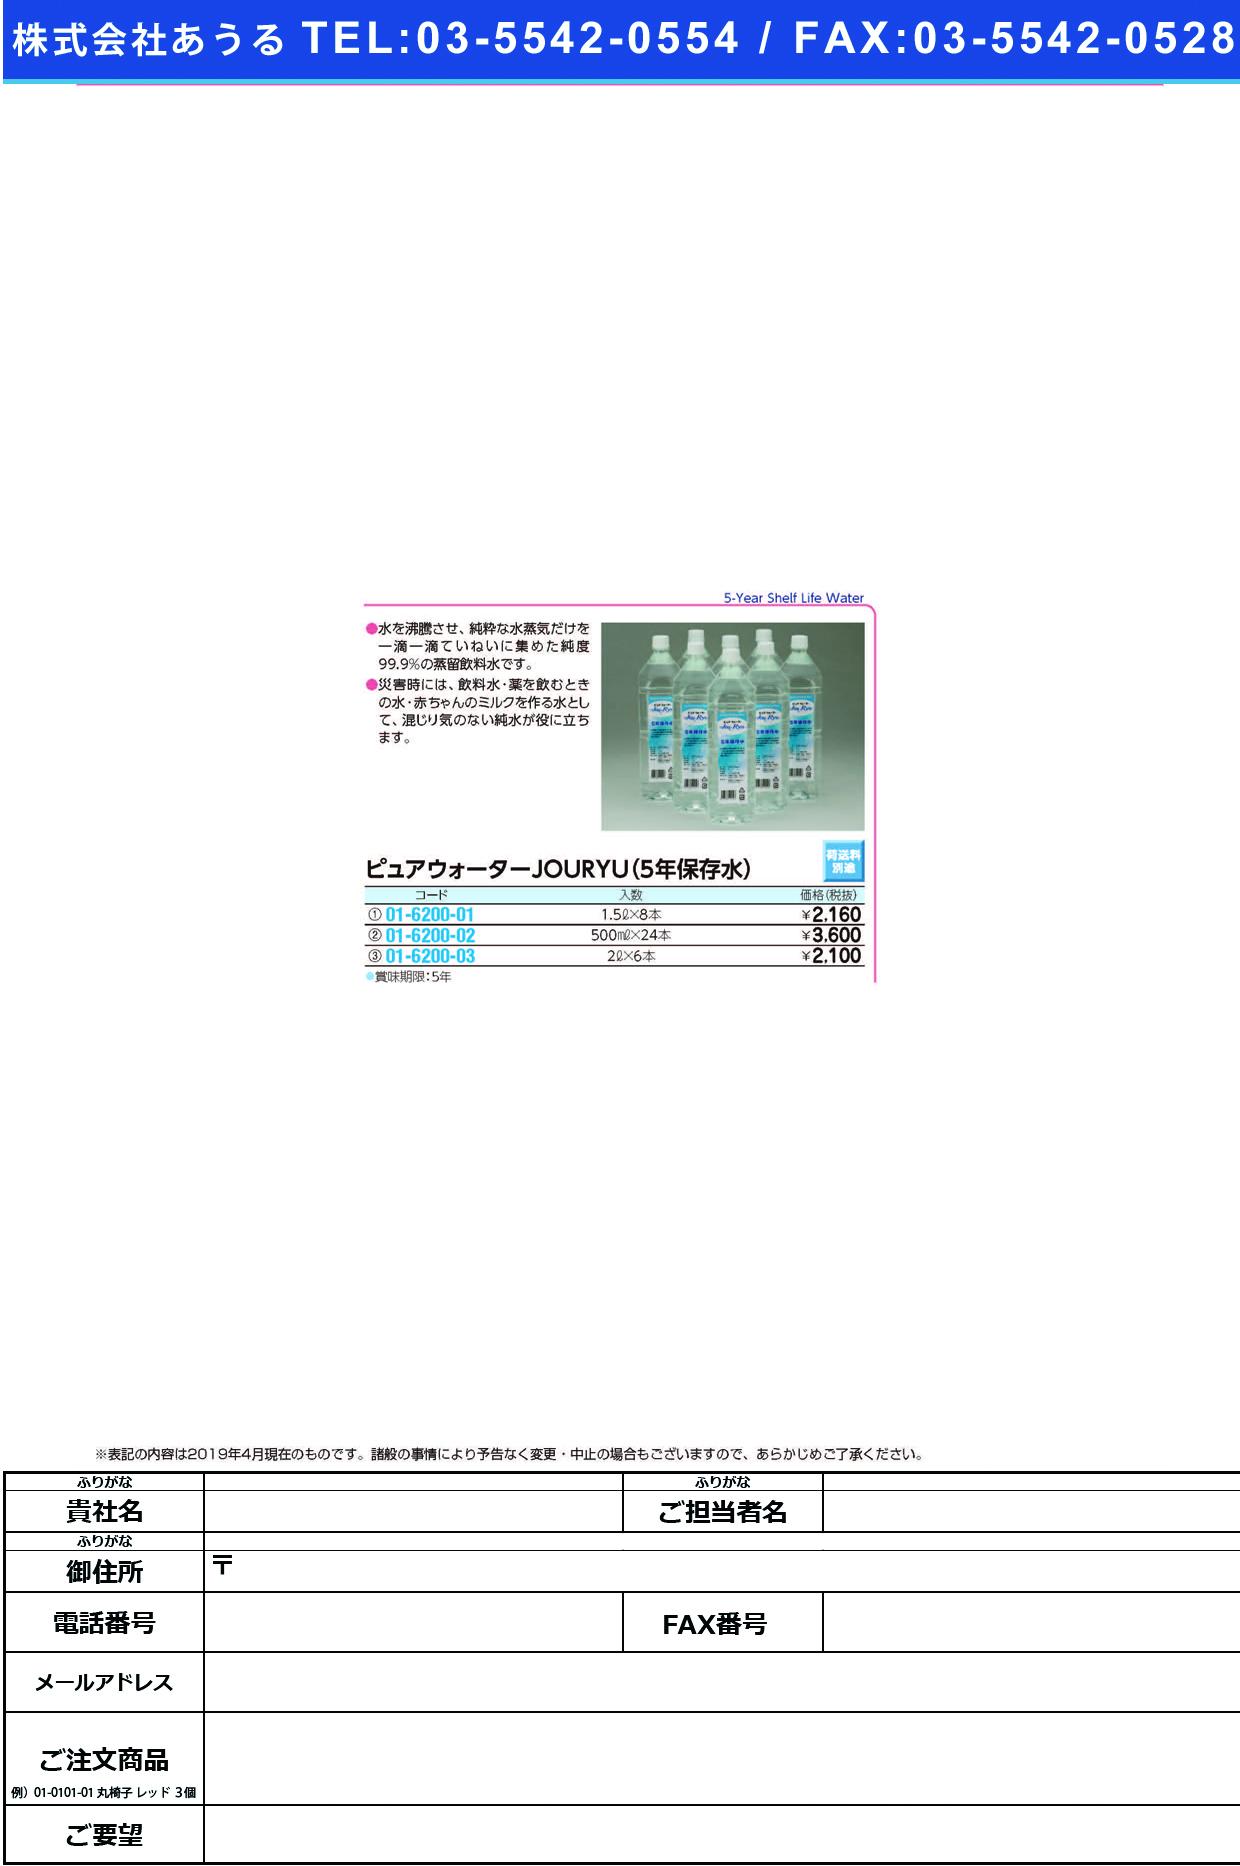 (01-6200-03)ピュアウォーター(5年保存水) 2.0L(6ホンイリ) ピュアウォーター(5ネンホゾンスイ)【1梱単位】【2019年カタログ商品】